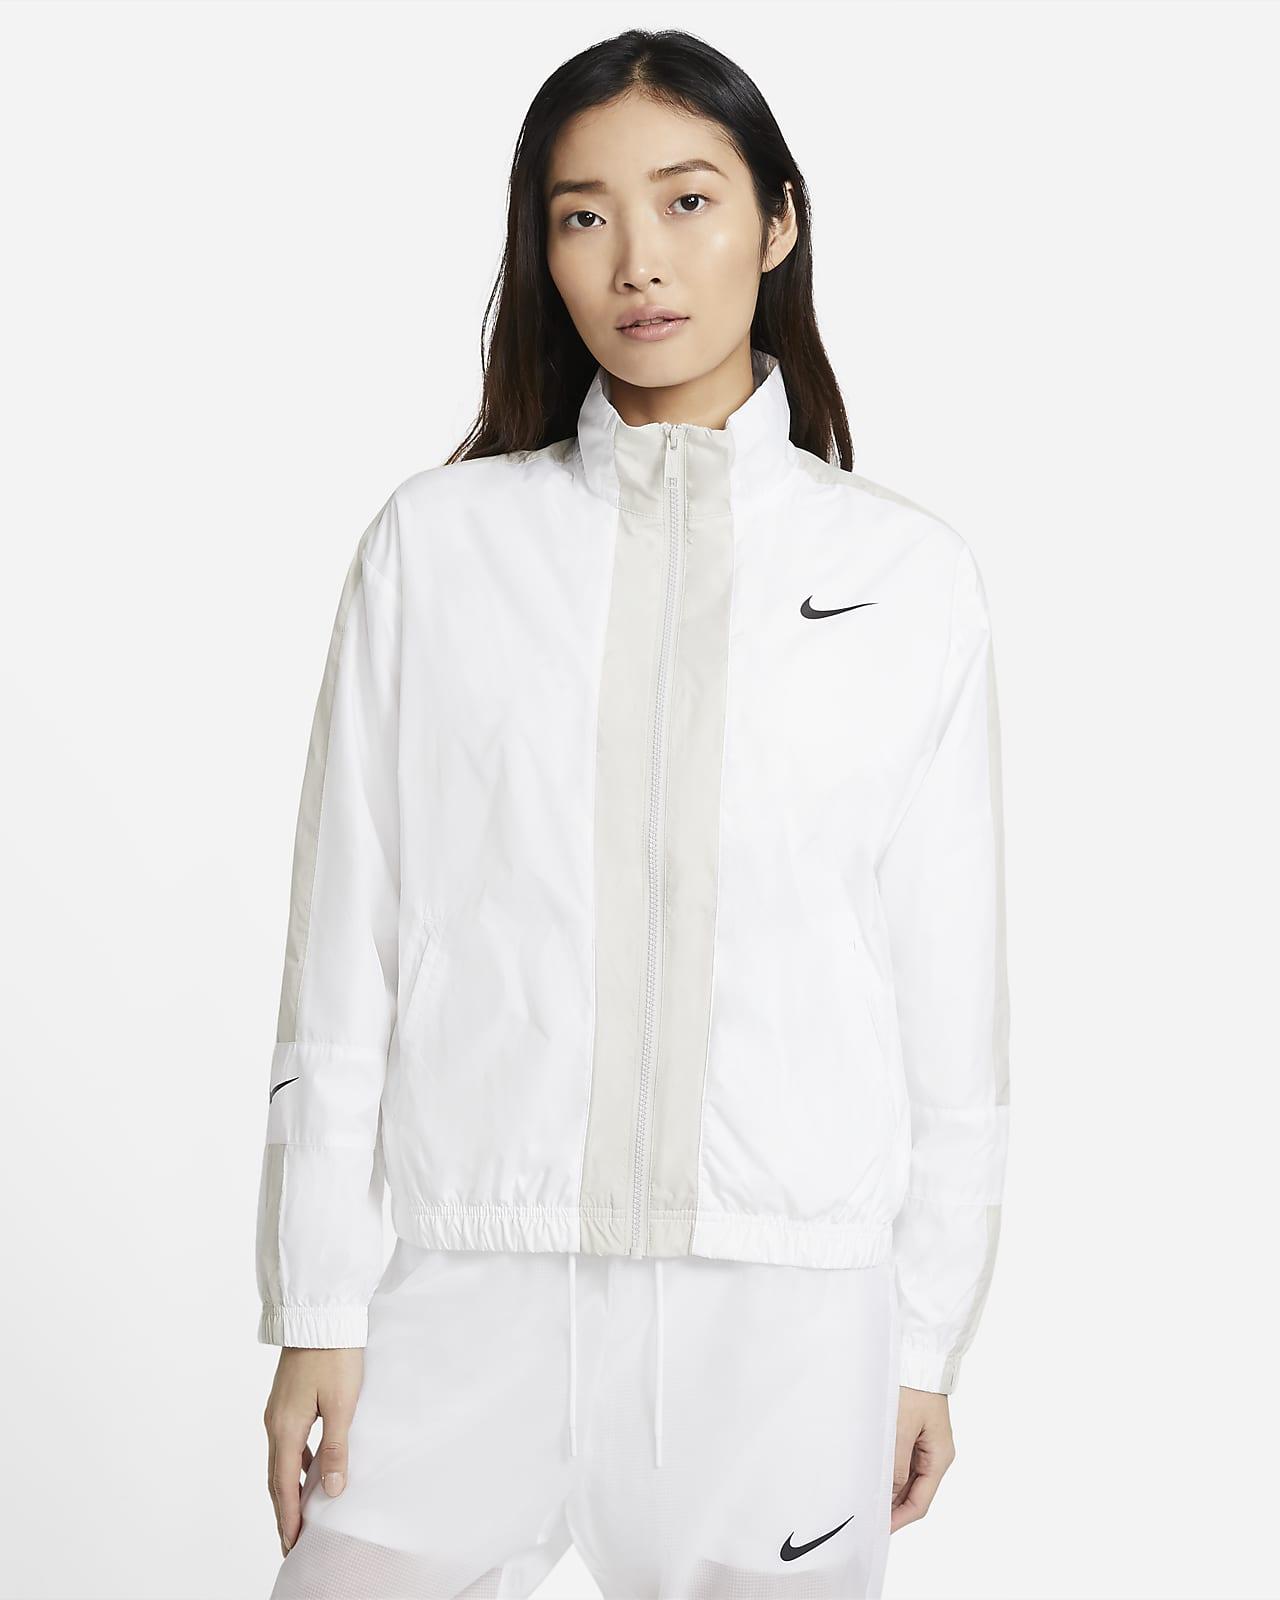 Nike Sportswear Repel Women's Jacket